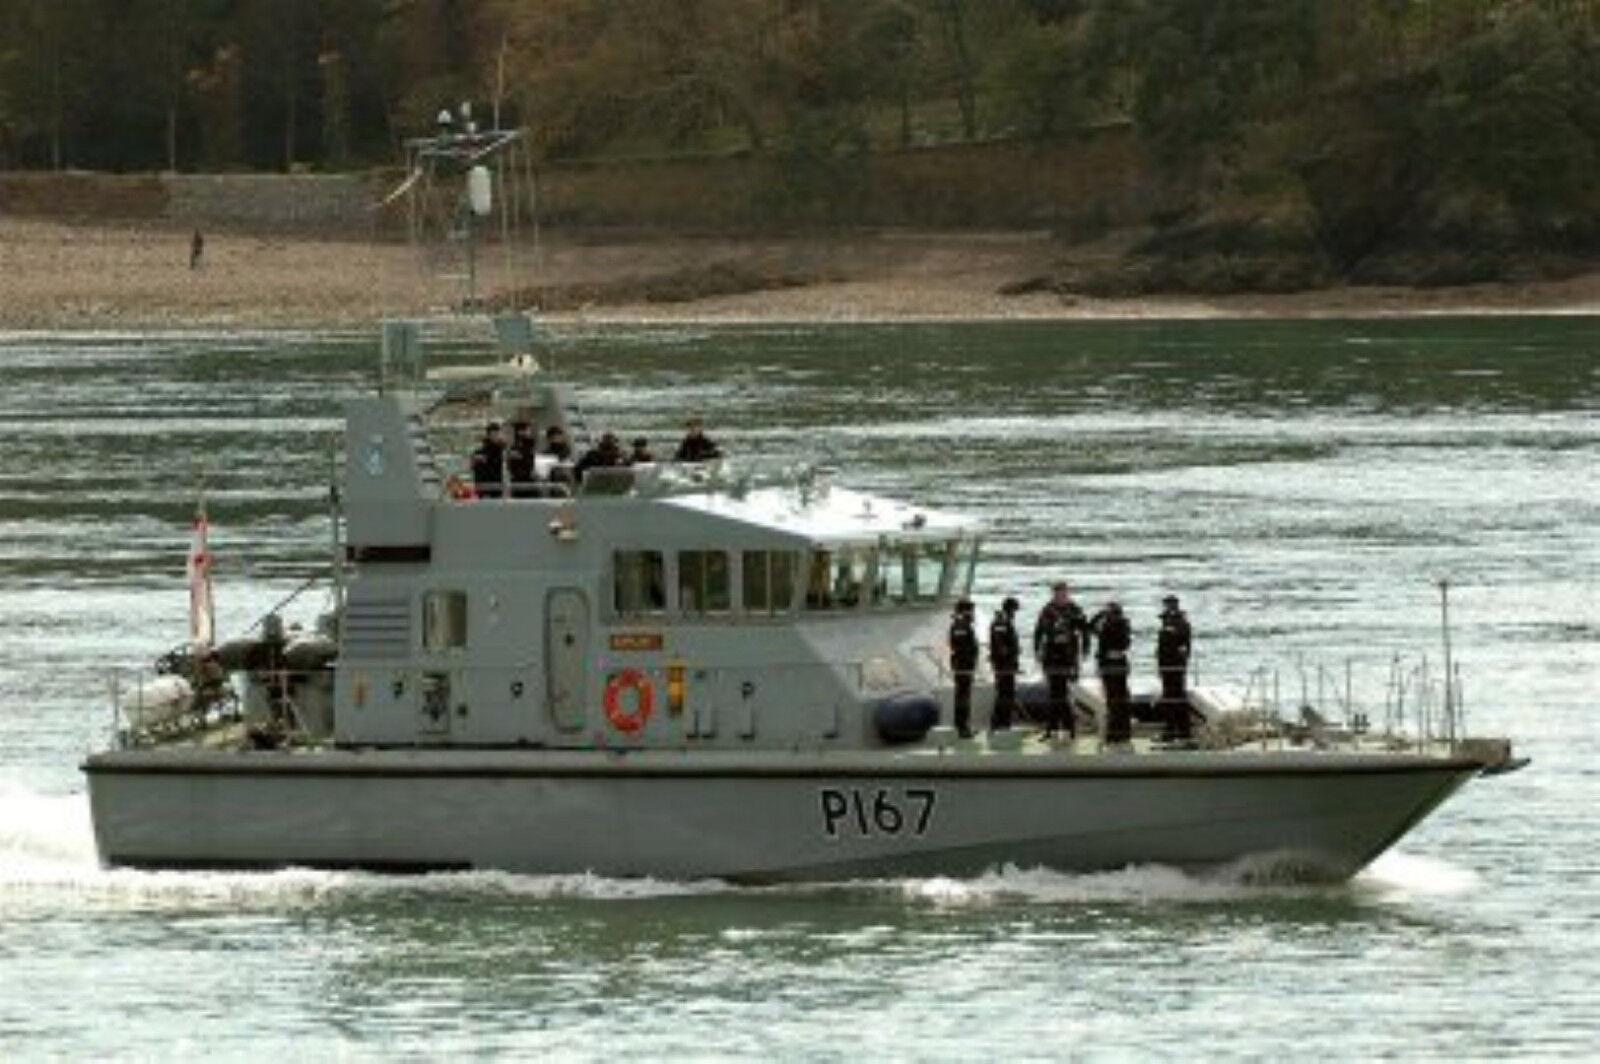 HMS exploit rnxs P P P 167. britannique Patrouilleur. Modèle Plan de bâtiHommes t 93c6aa